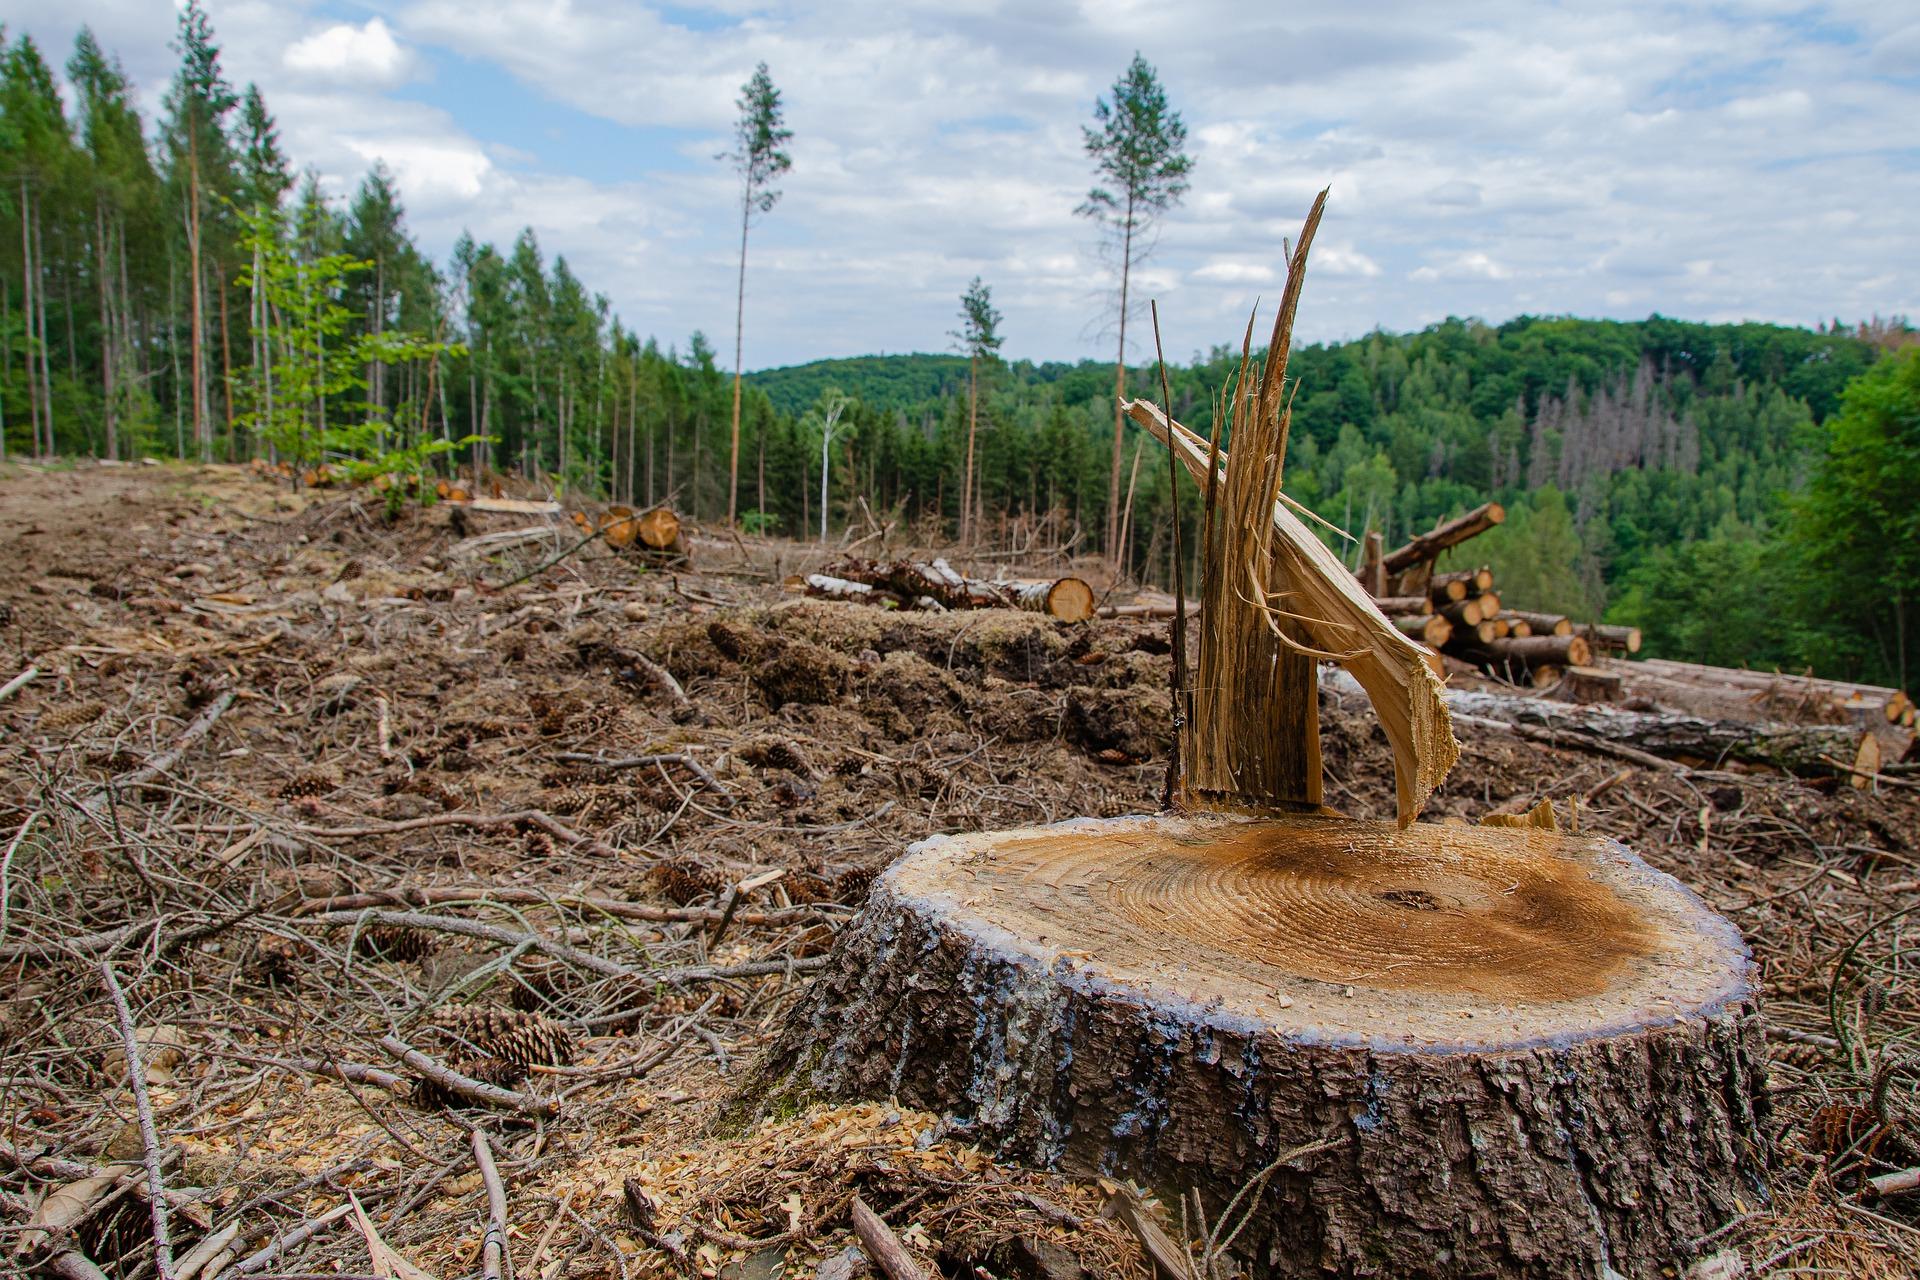 森林破壊はなぜ問題か